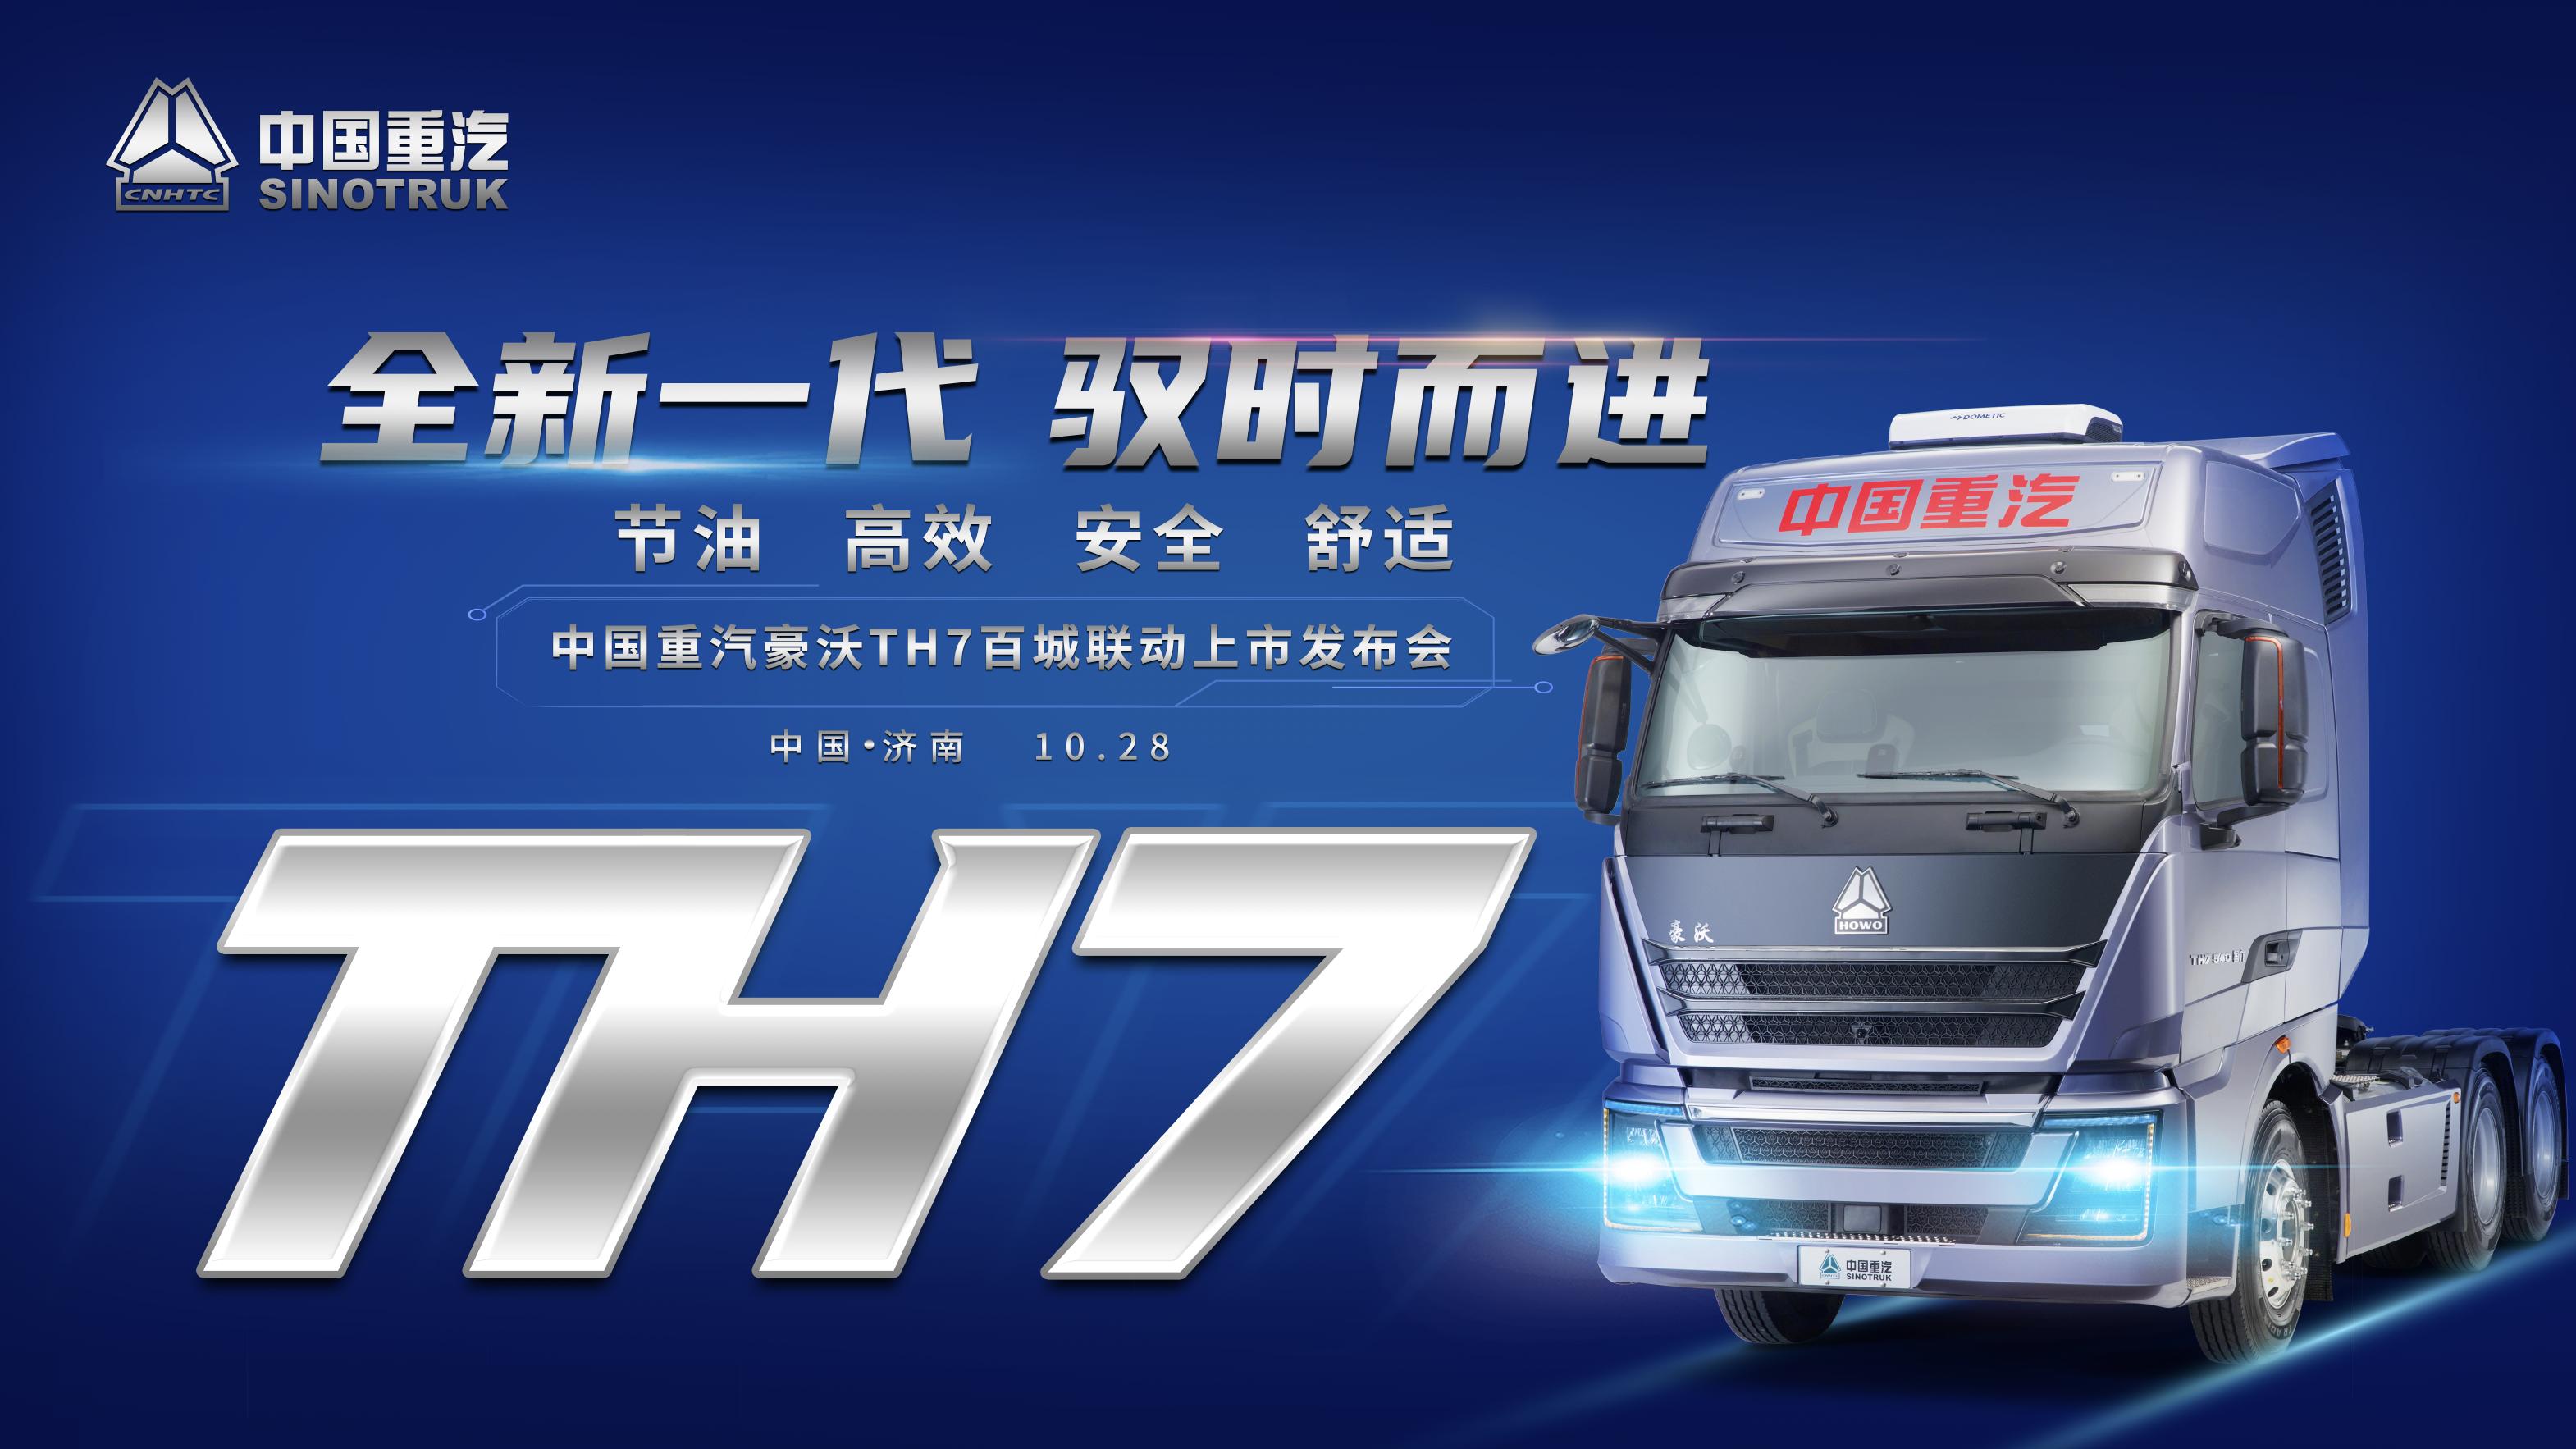 豪沃家族又添新品 主打标载物流——中国重汽豪沃TH7上市